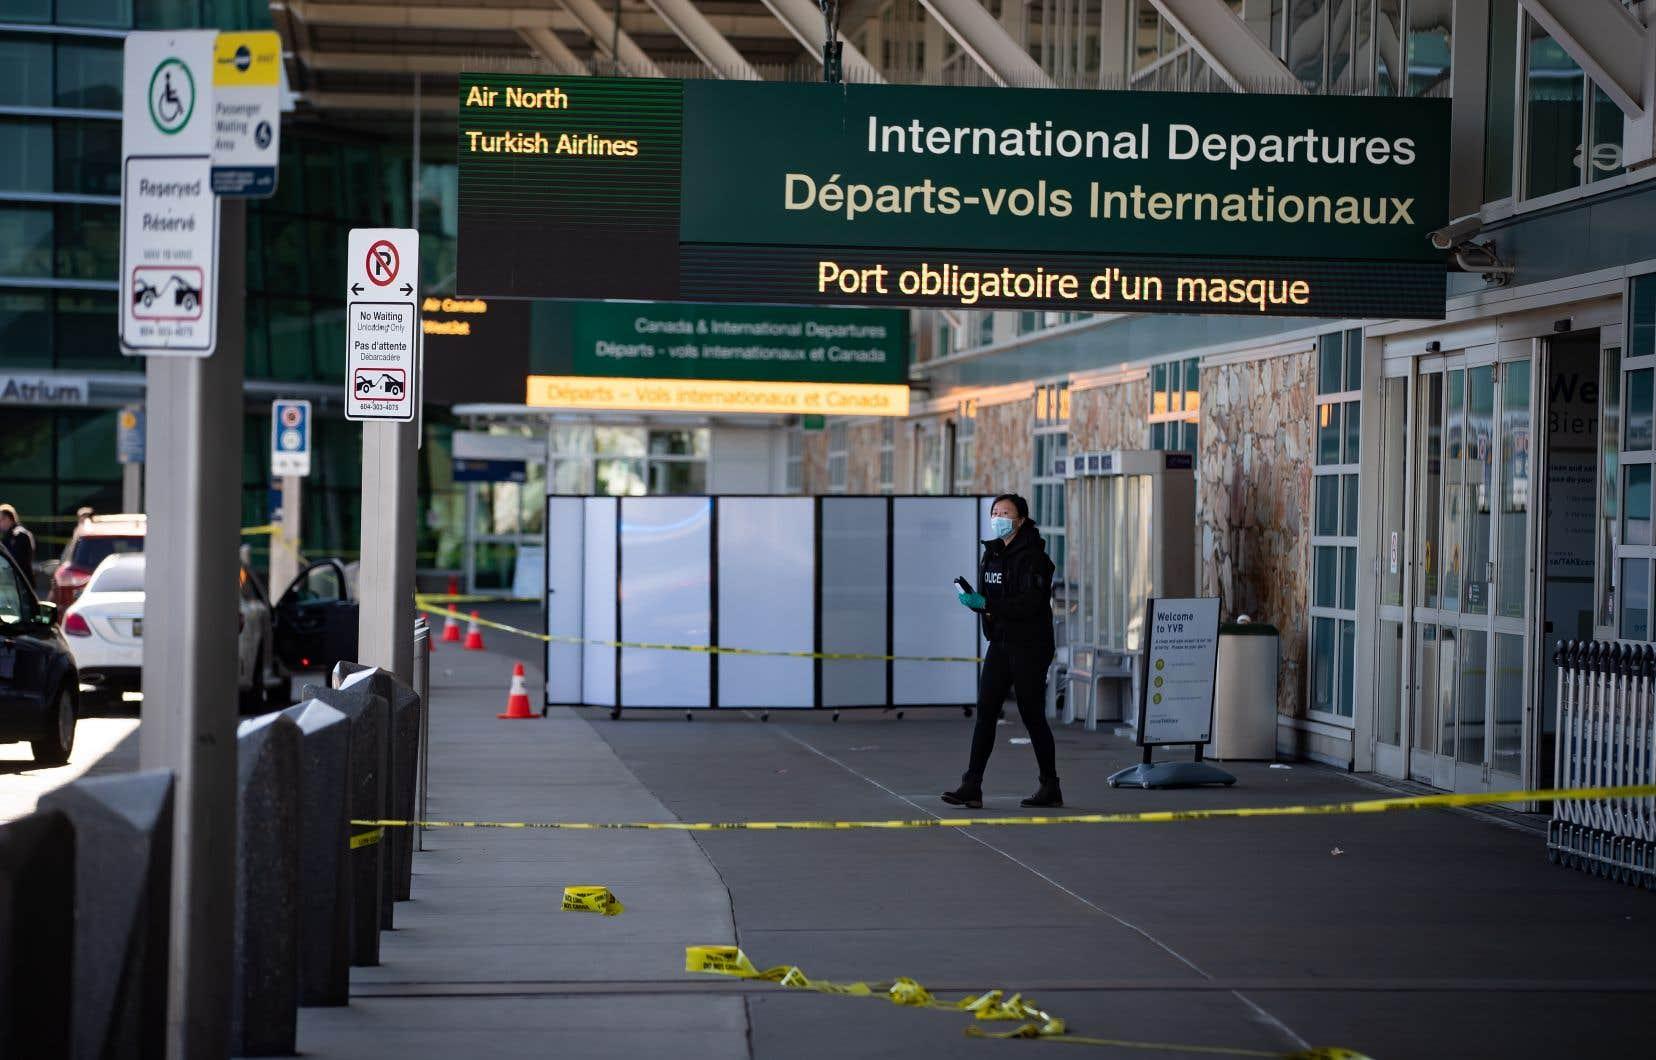 L'administration de l'aéroport de Vancouver a déclaré dans un communiqué que la GRC avait répondu à l'événement à l'extérieur du terminal principal dimanche après-midi.